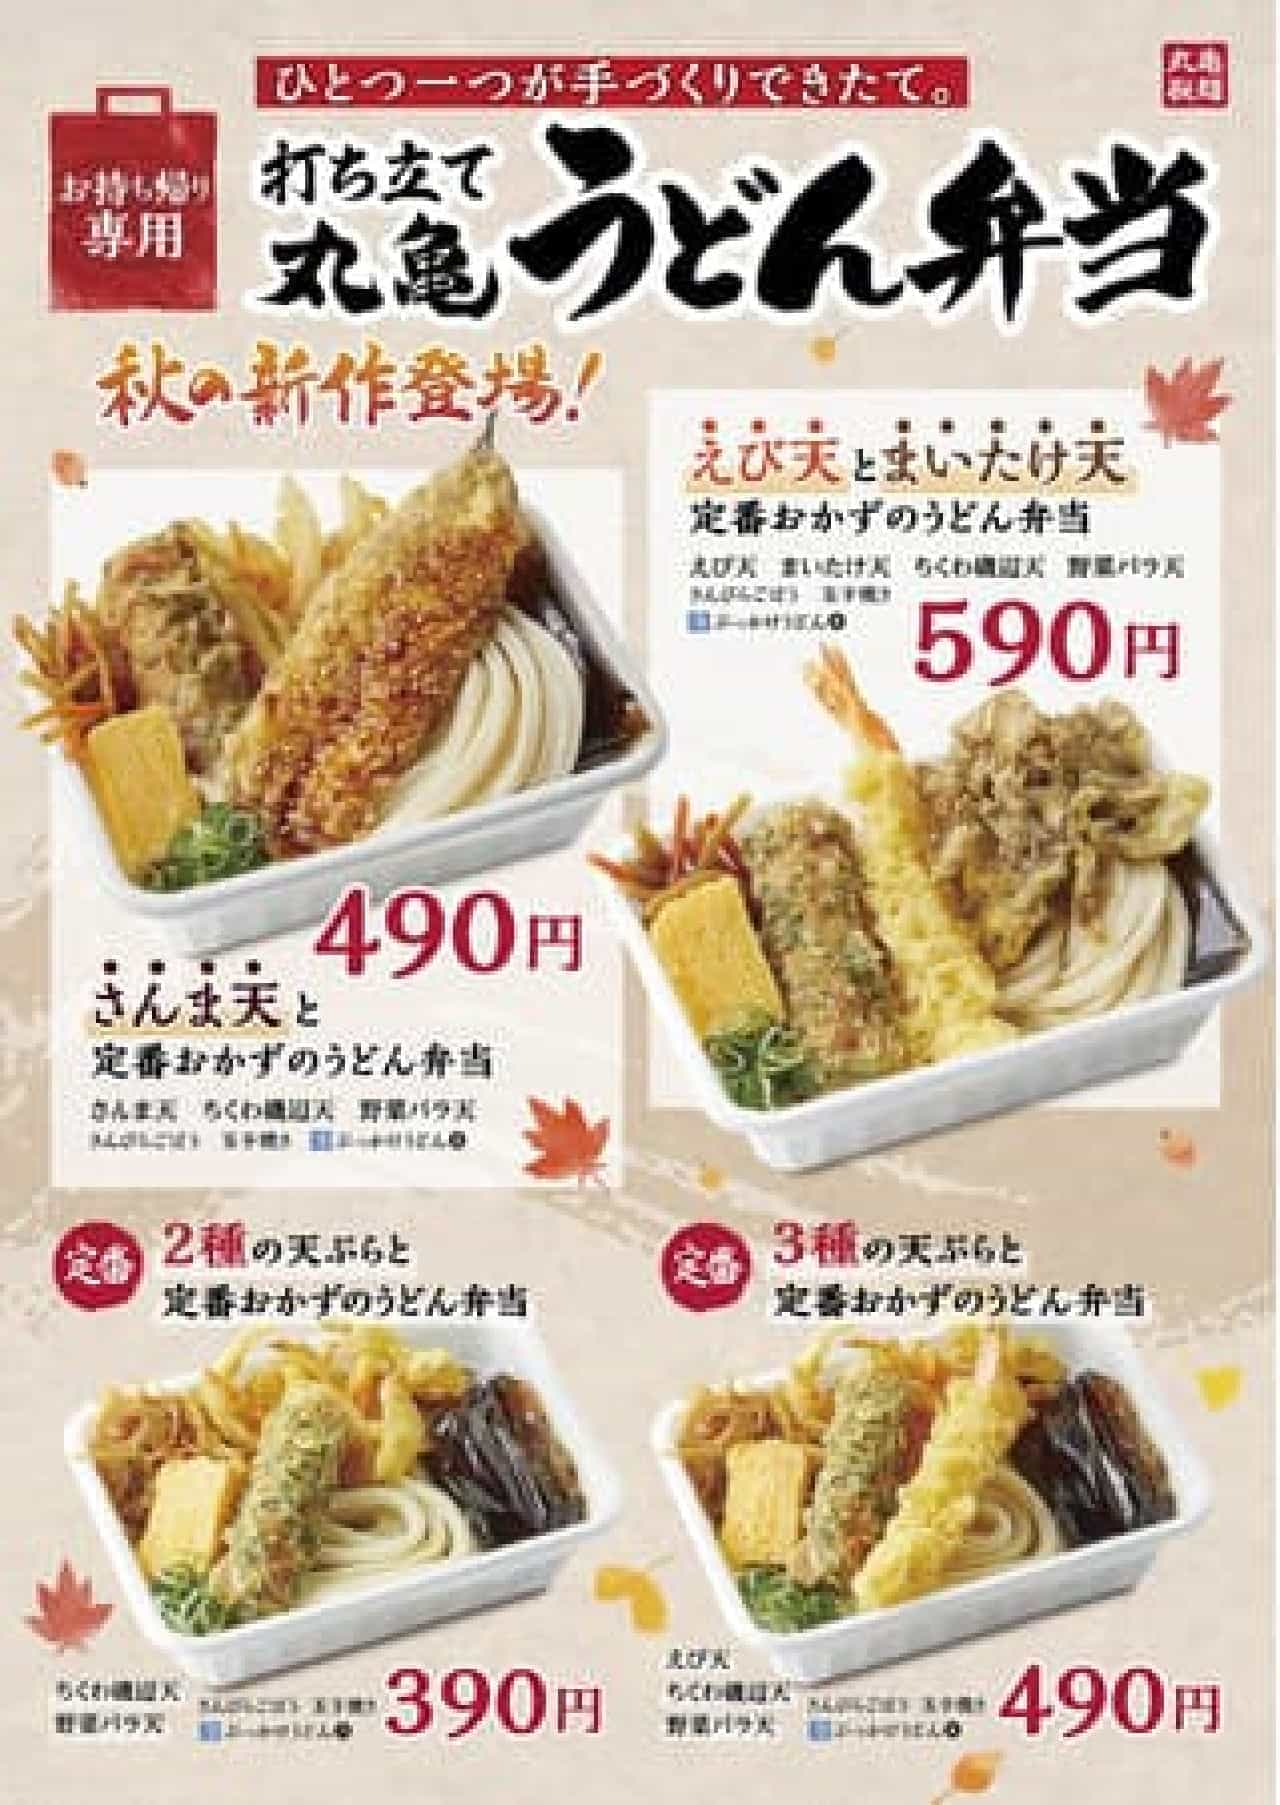 丸亀製麺「さんま天と定番おかずのうどん弁当」「えび天とまいたけ天定番おかずのうどん弁当」